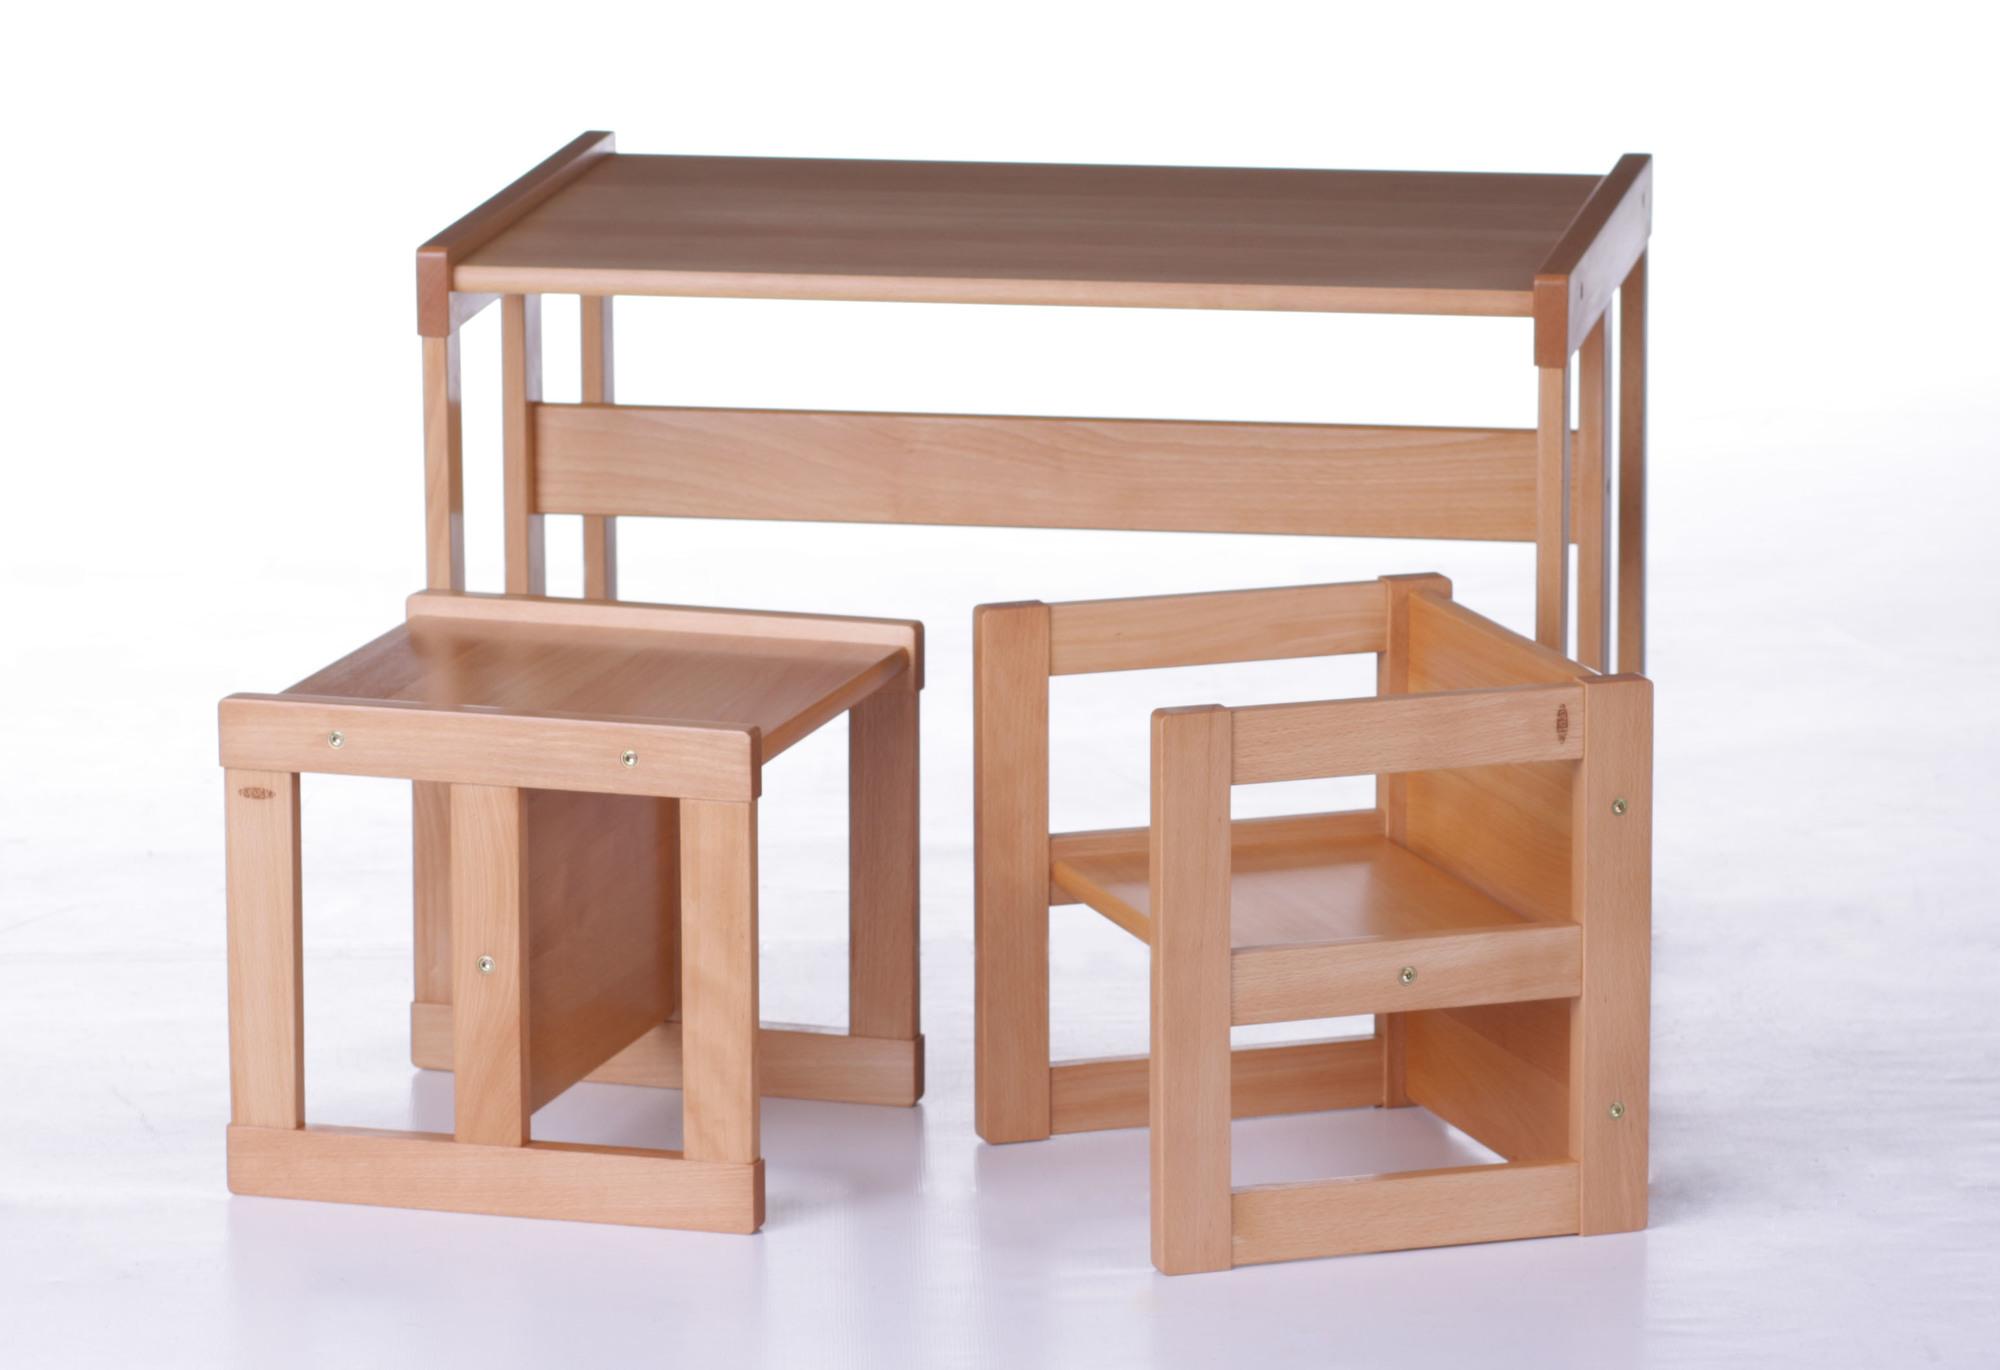 69b7a9214cba5 ... Drevený detský stôl a stolička pre deti od 3 rokov, Montessori nábytok  Detský drevený stôl Drevený detský stolík so stoličkou ...